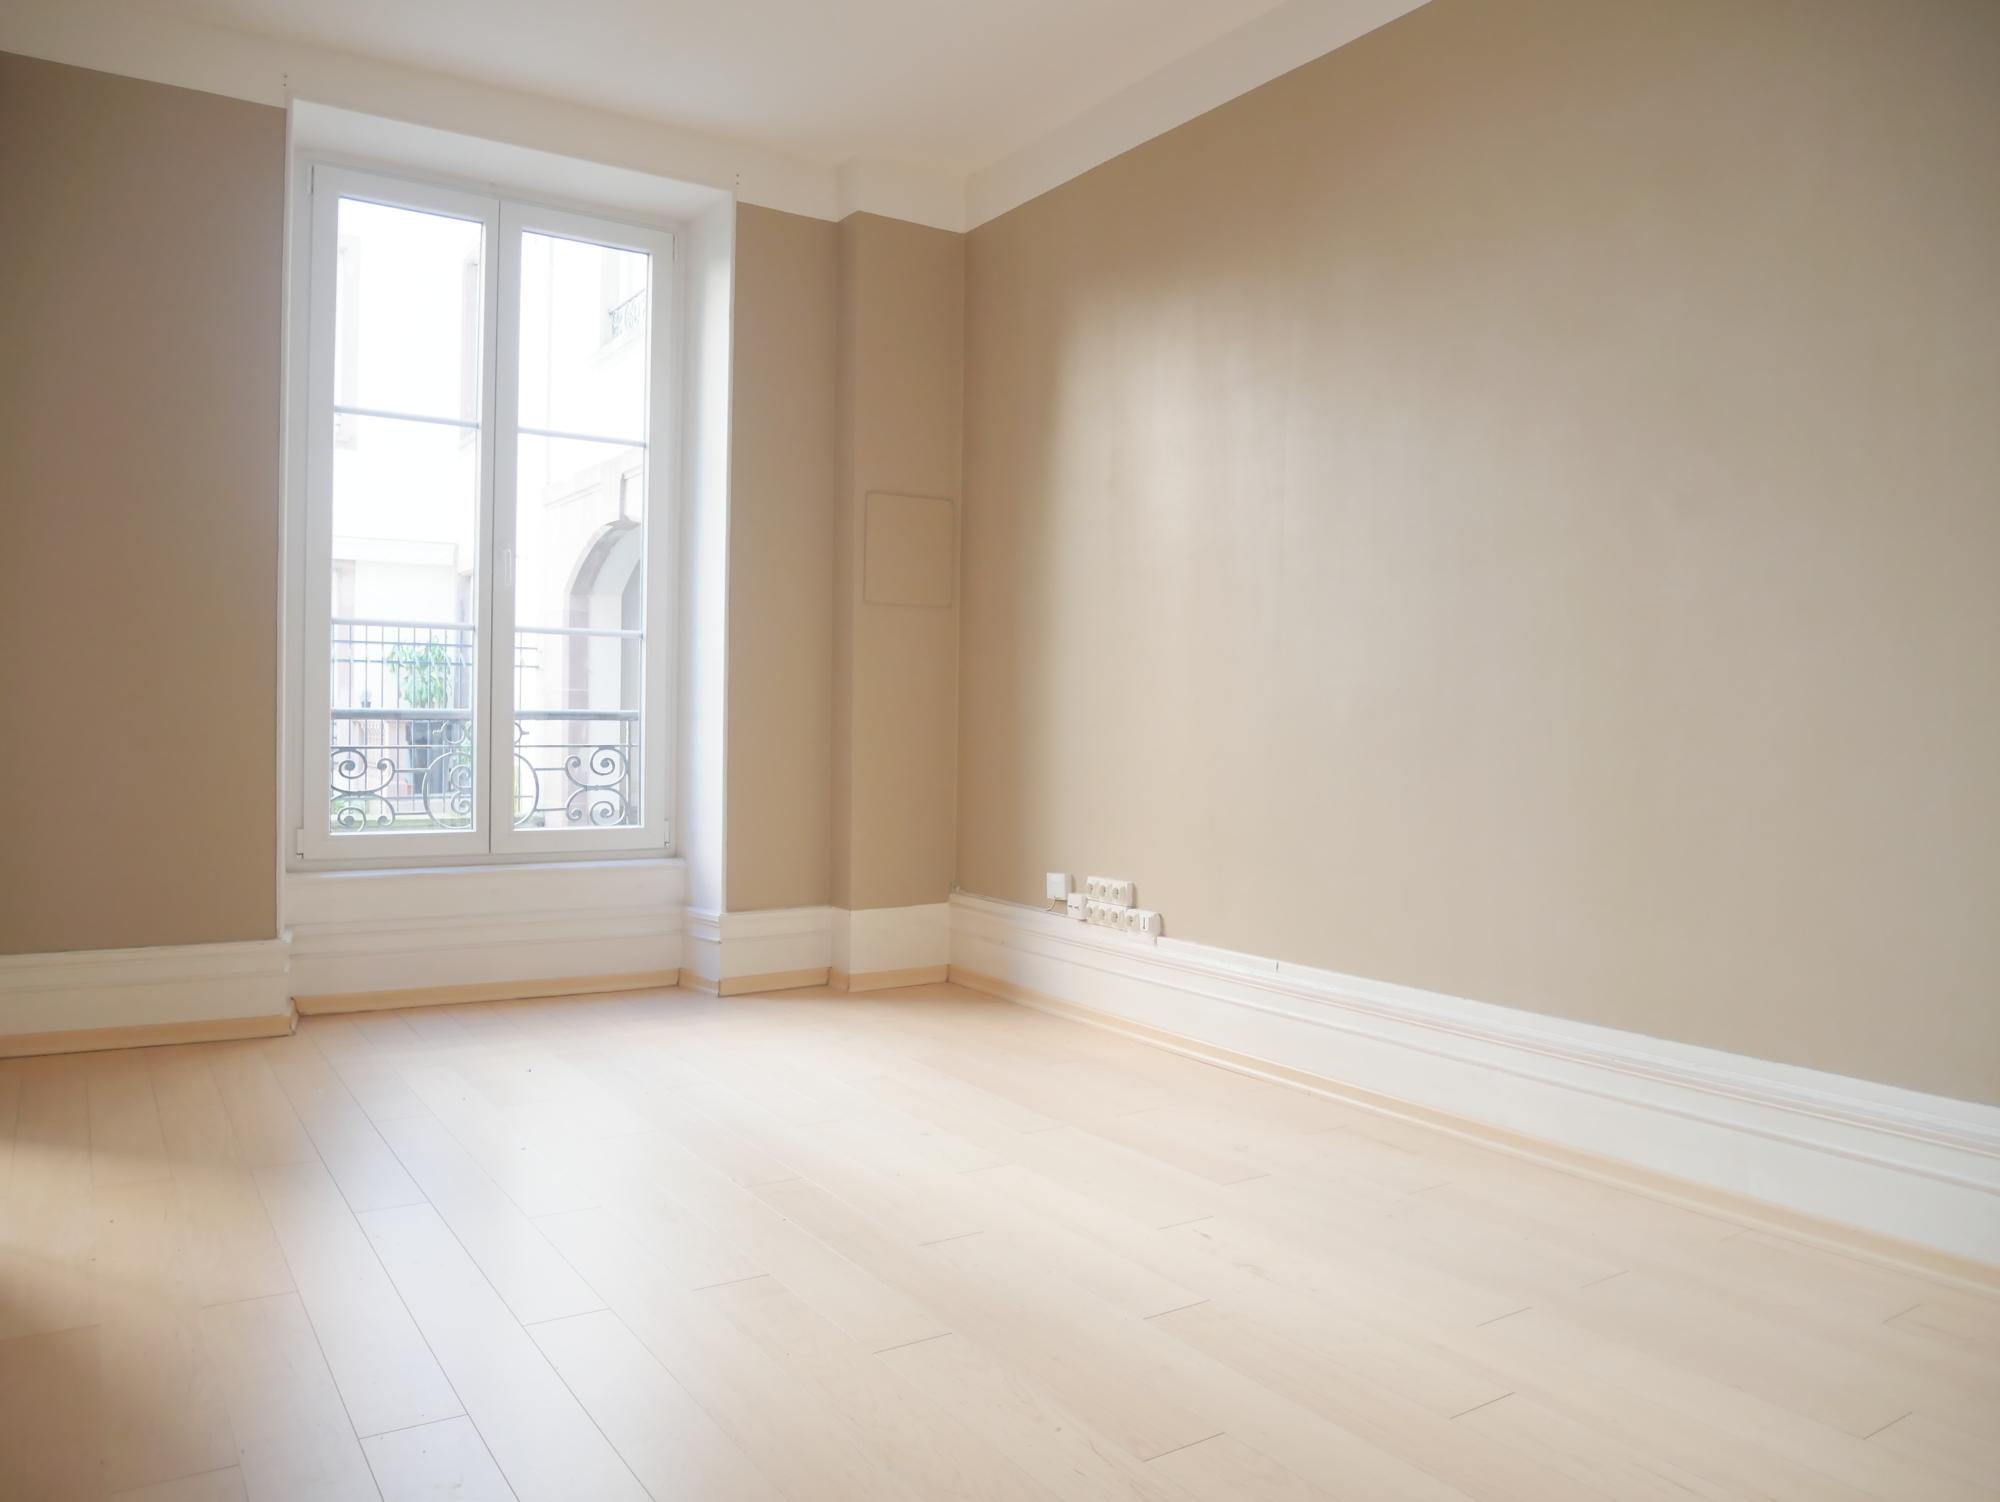 [Kléby] Charmant 2/3 pièces - C.C les Halles / Quai Kléber - nos locations - Beausite Immobilier 1